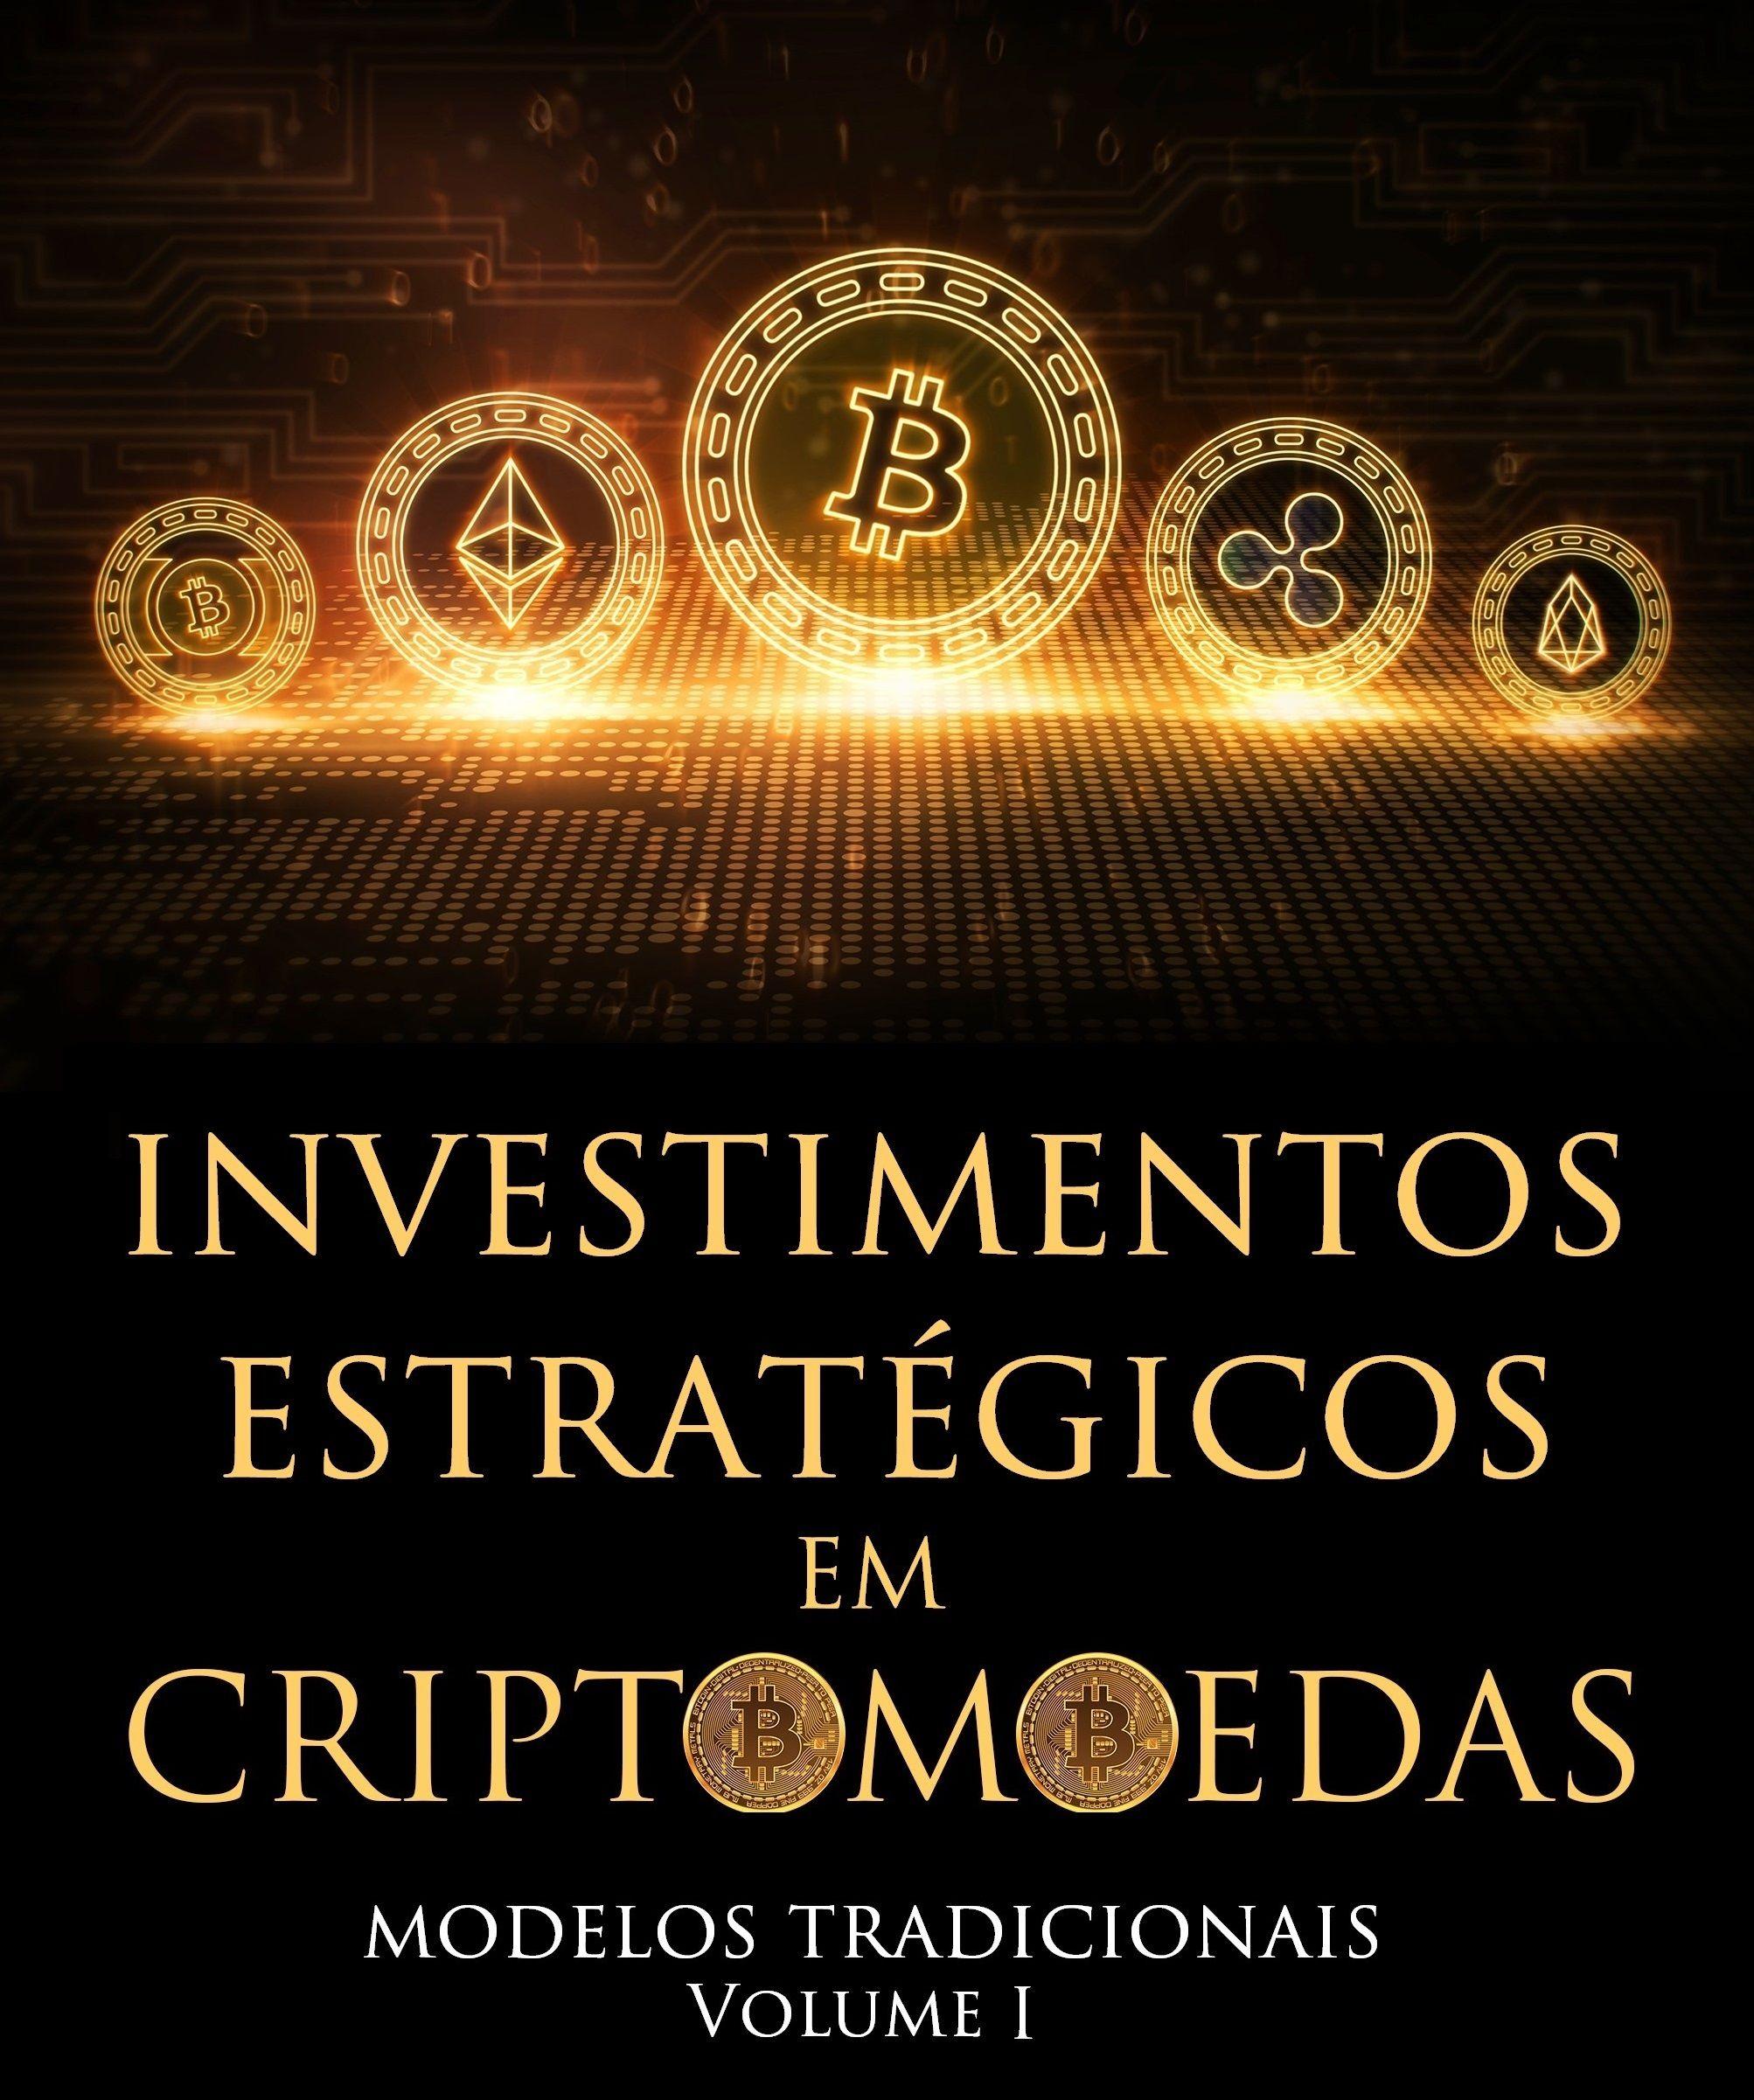 Investimentos Estratégicos - Modelo Tradicional - Vol I